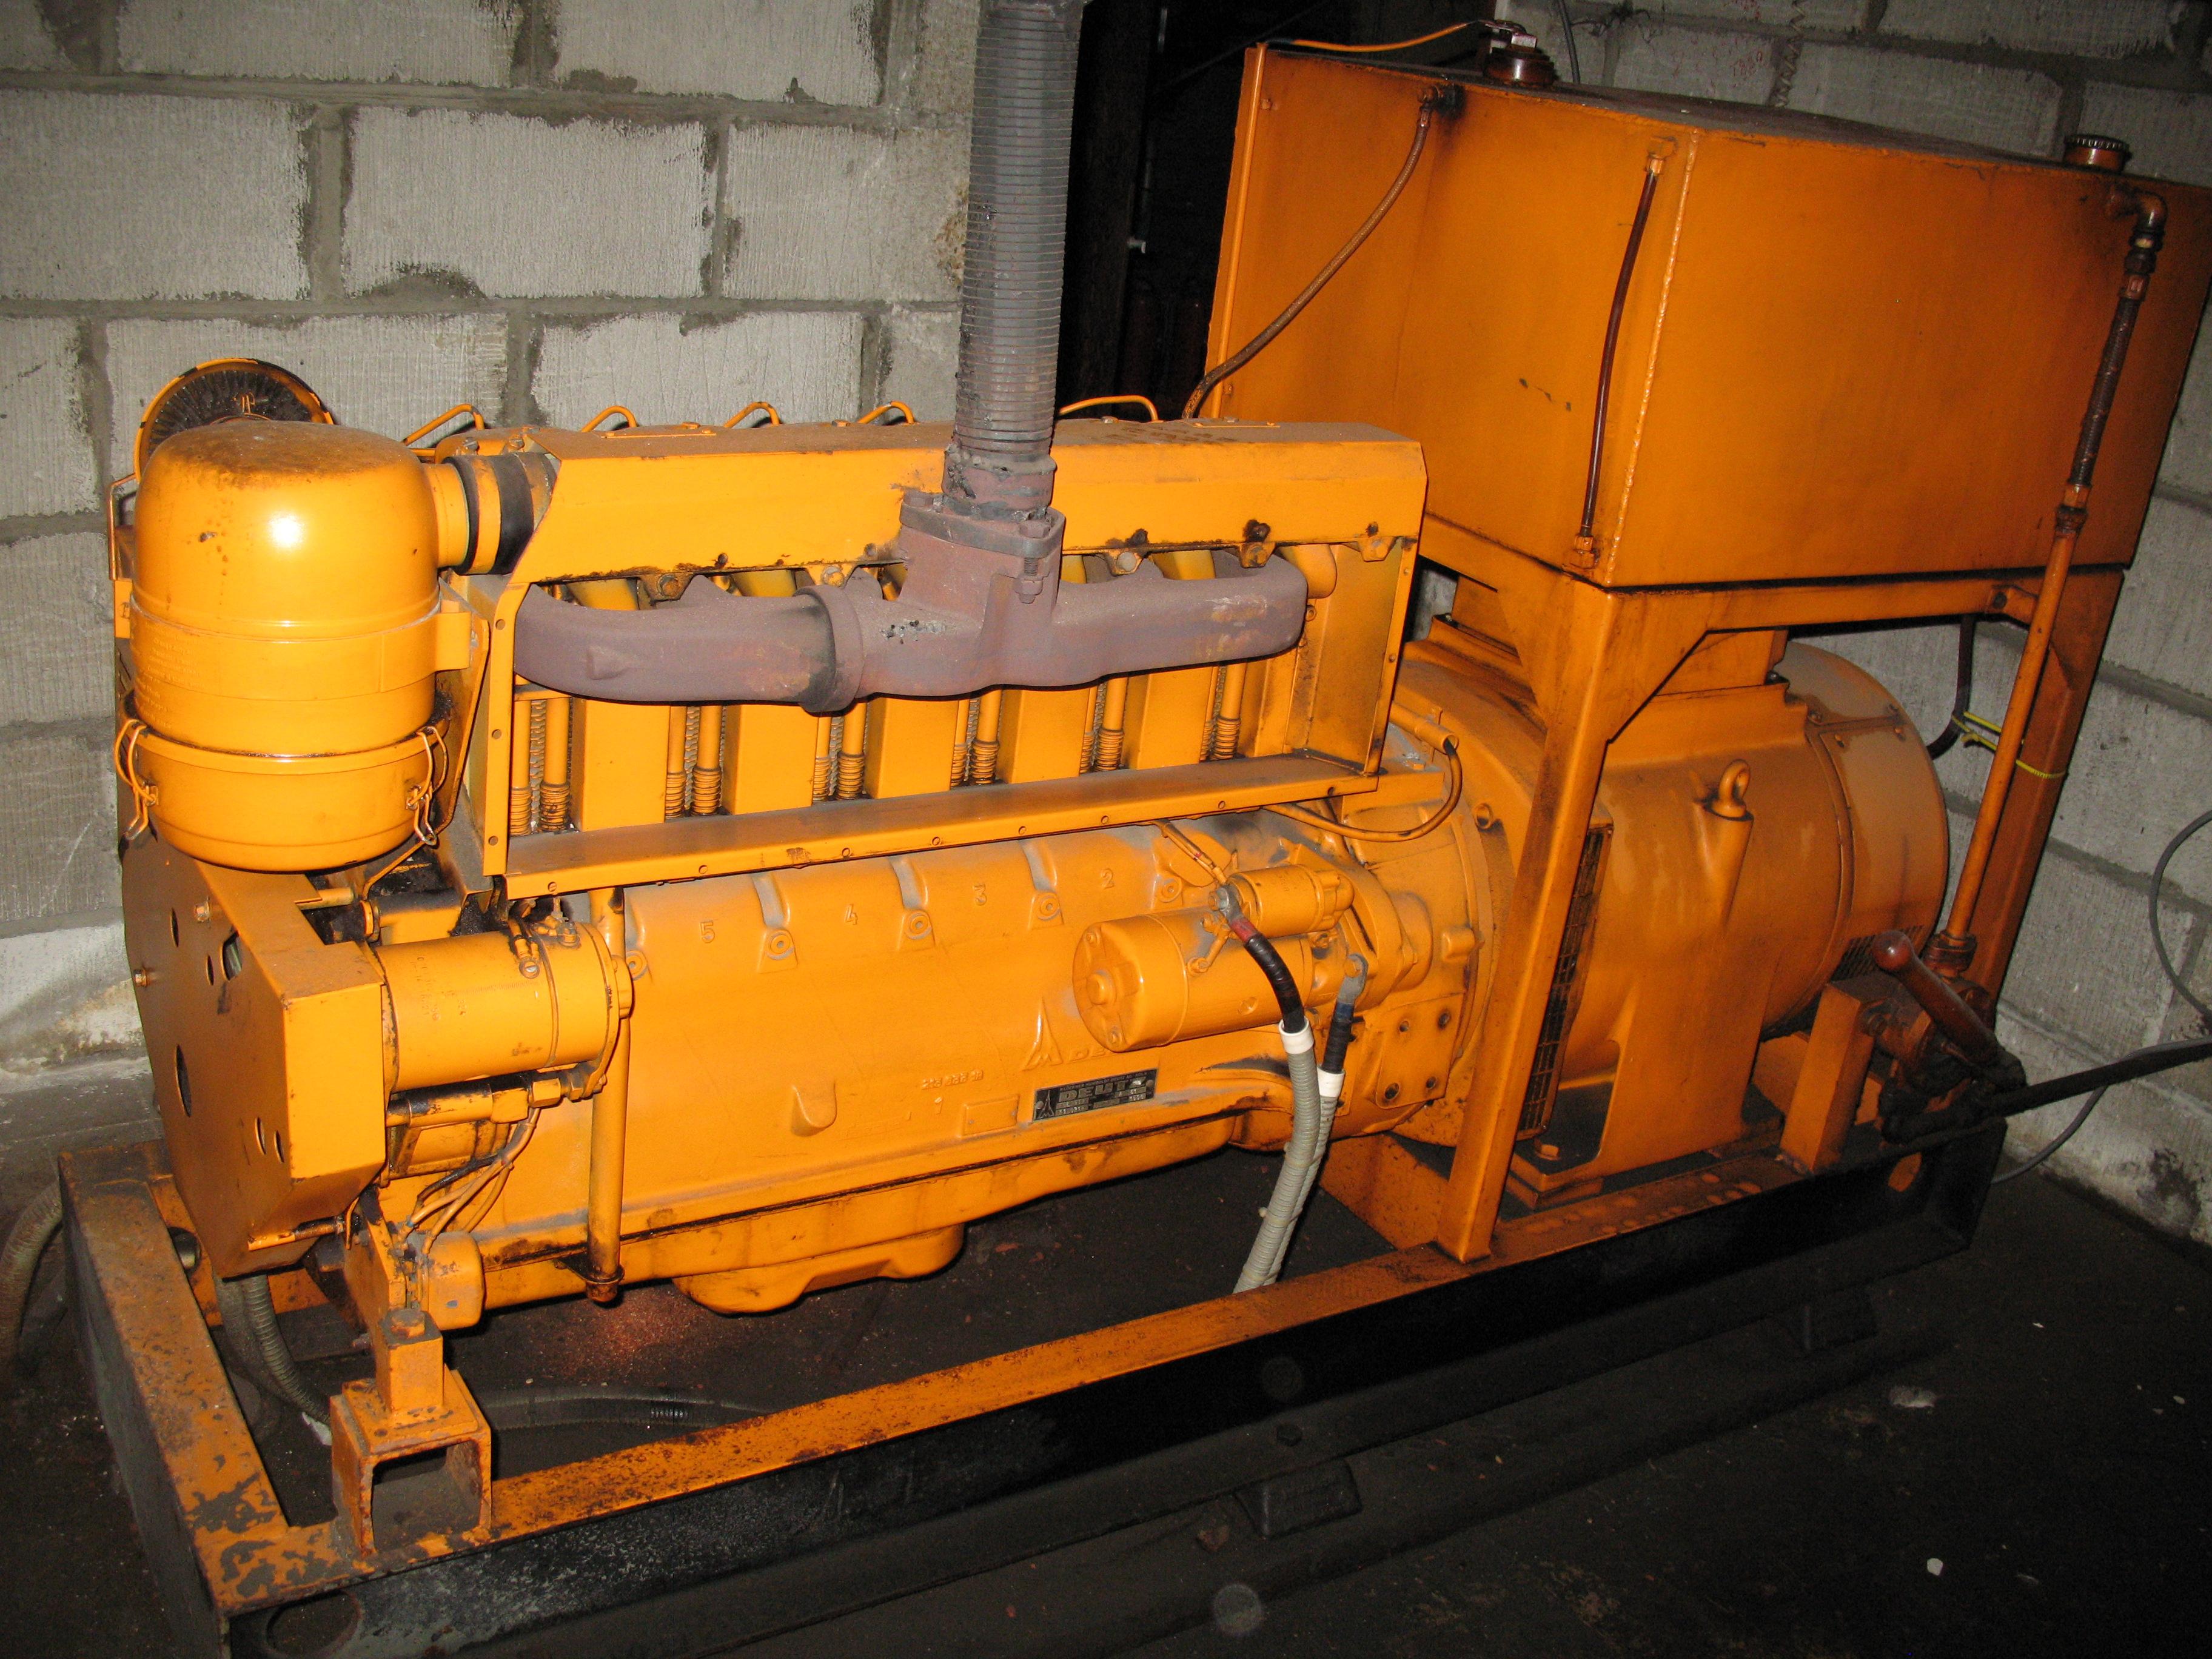 noodstroom onderhoudscontract dieselgenerator service.JPG